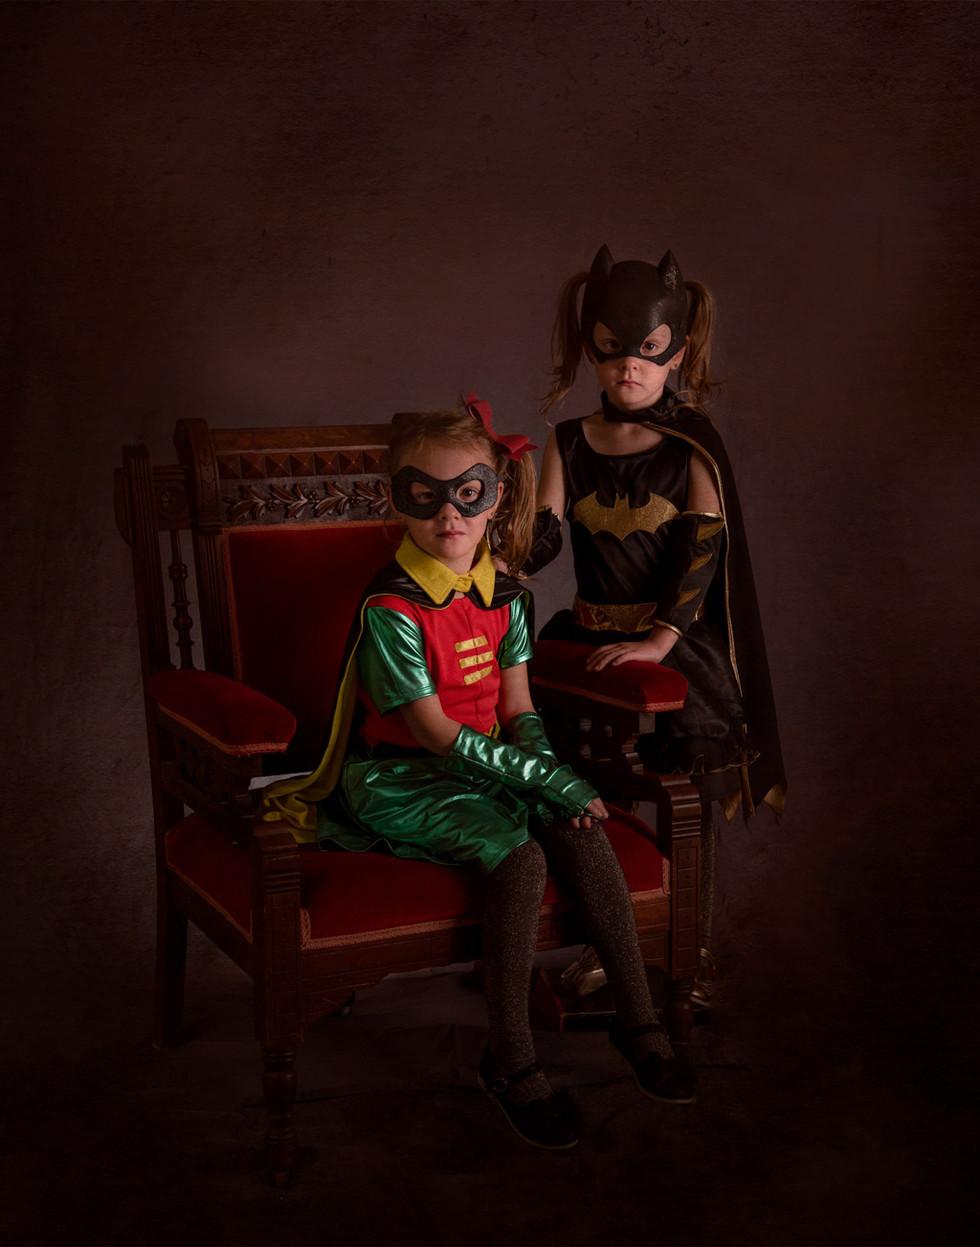 BatmanRobinFineArtWebRes.jpg